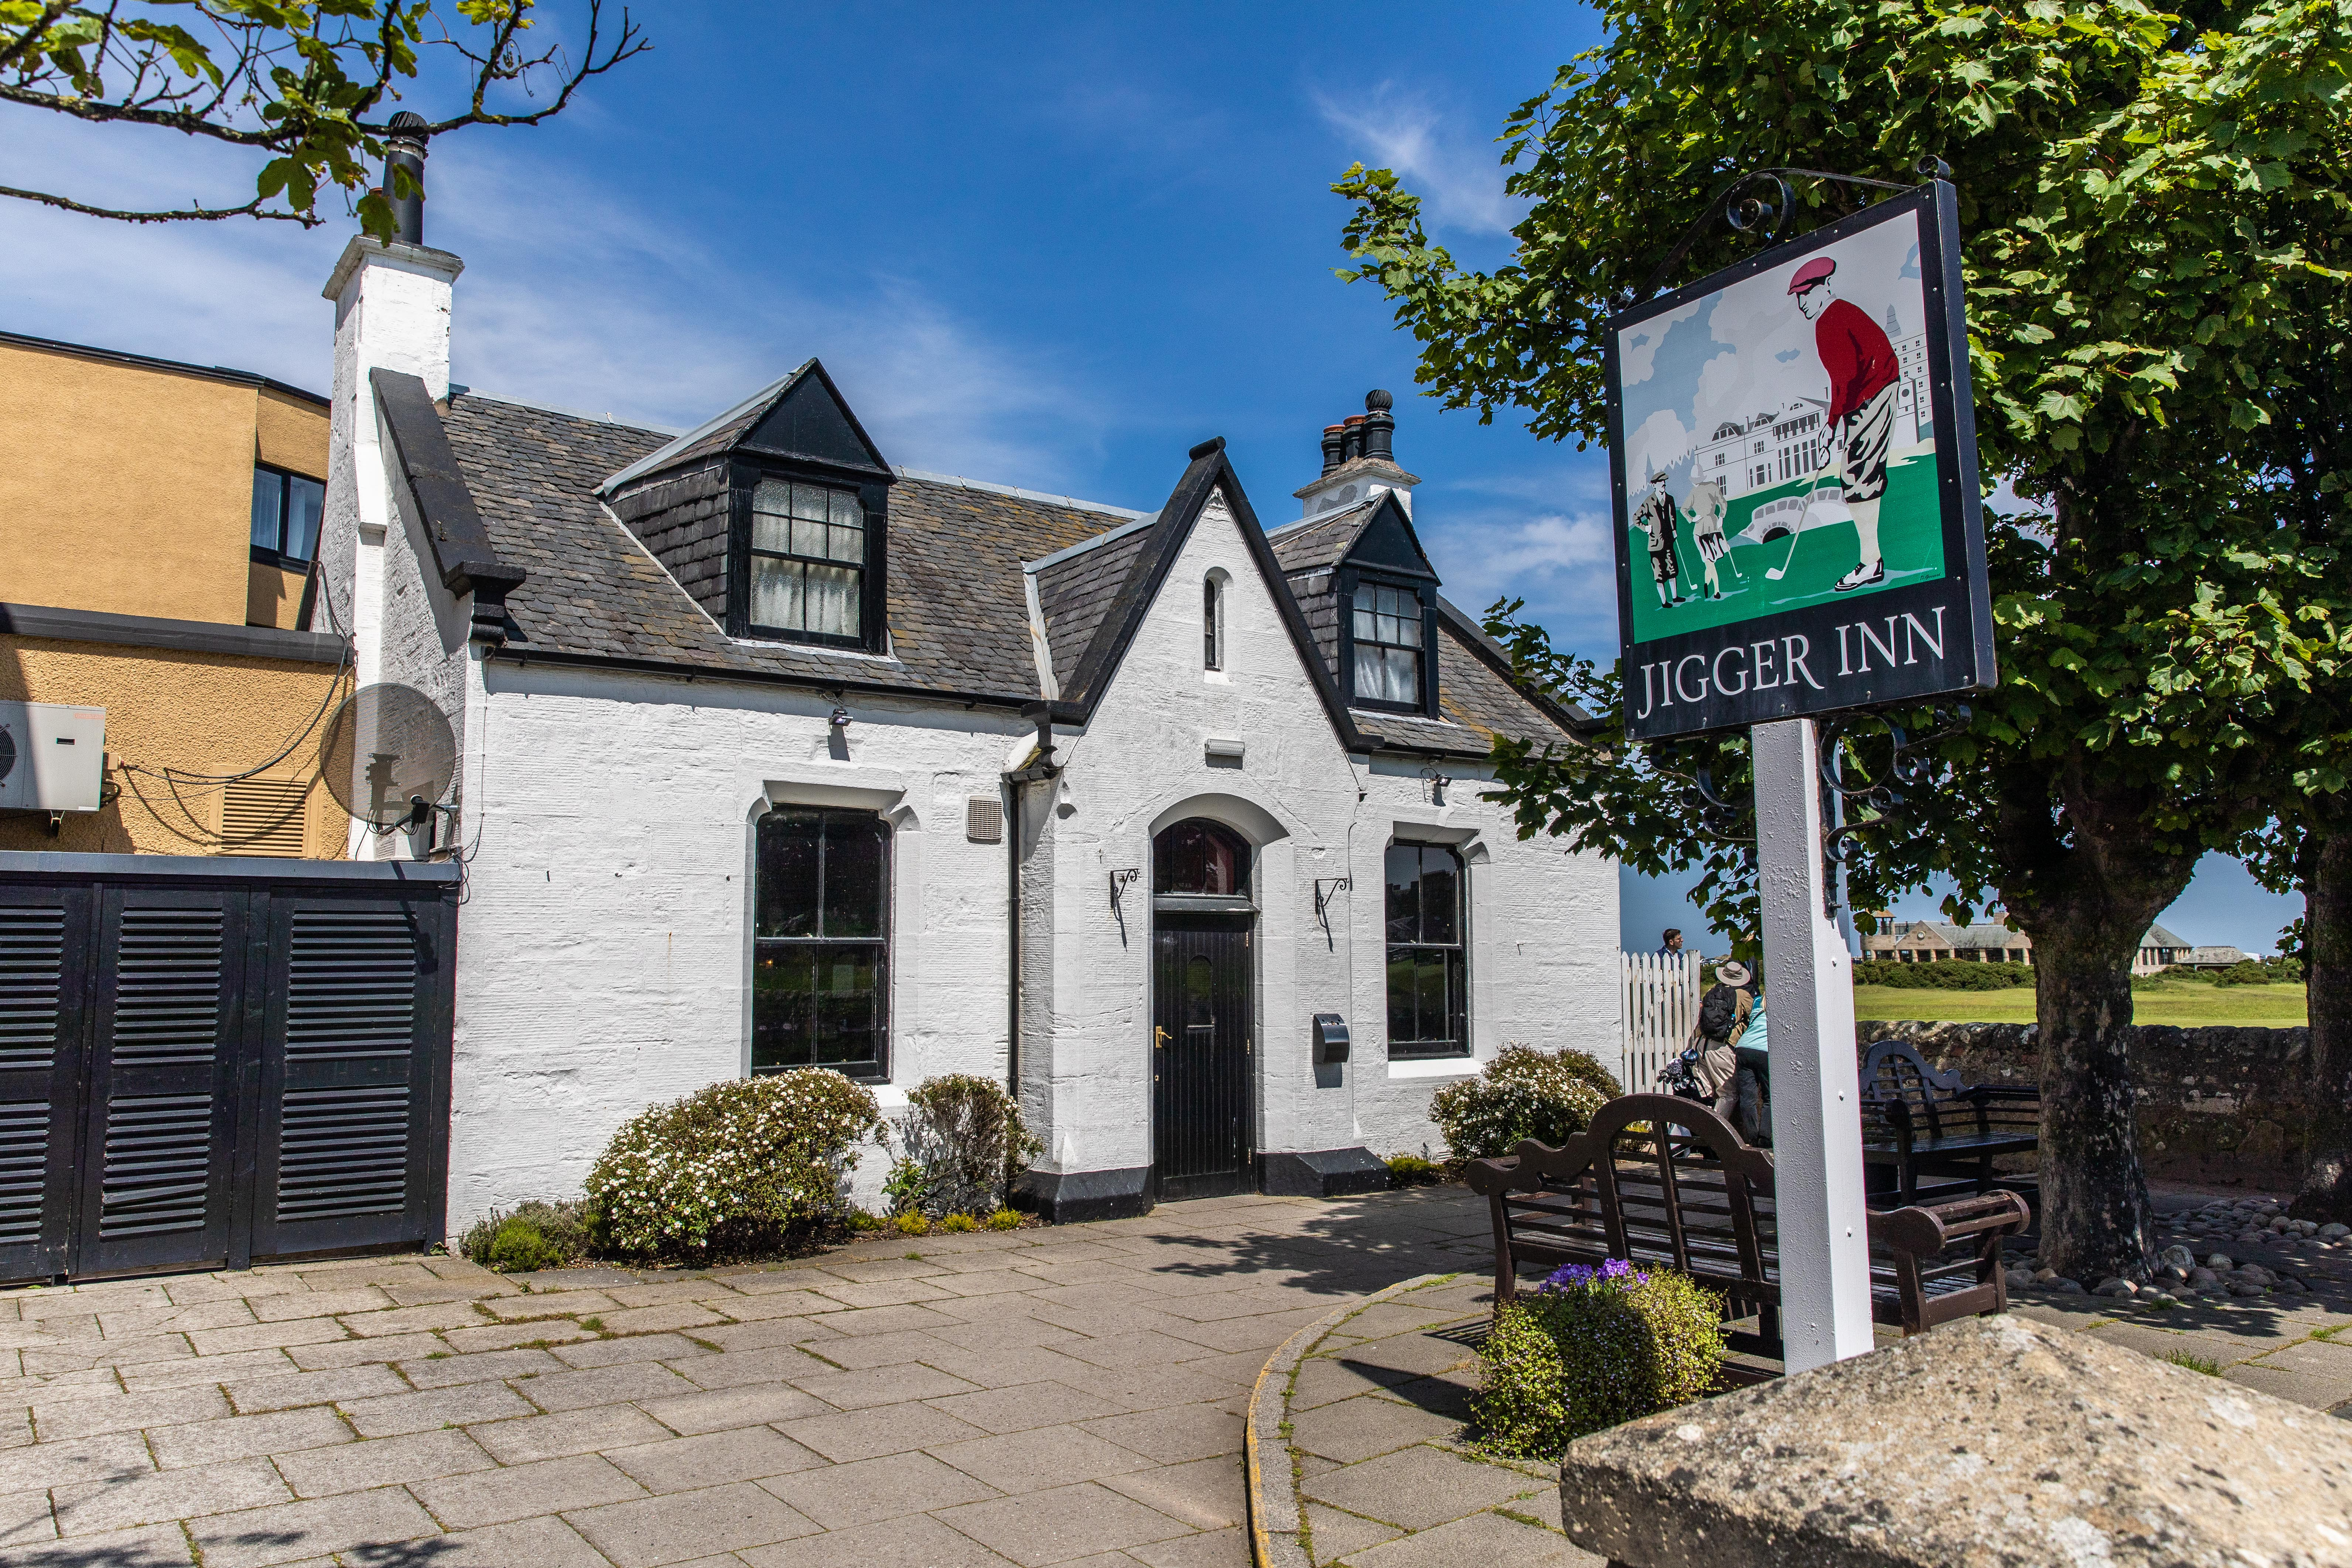 The Jigger Inn in St Andrews.